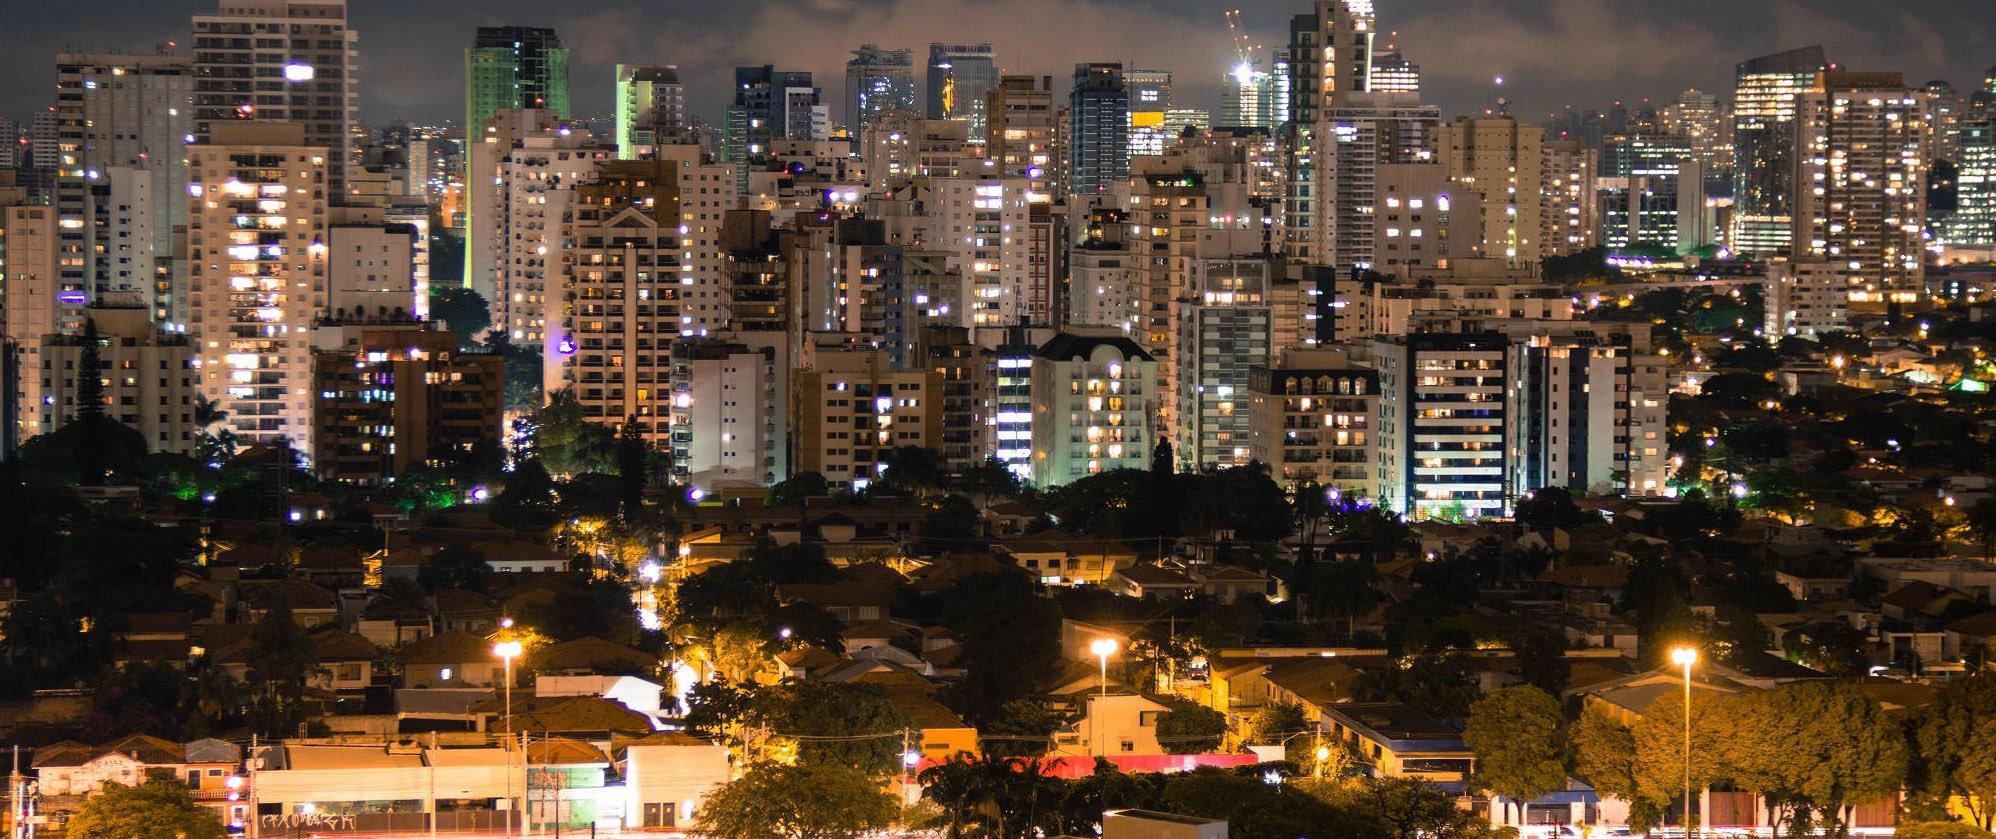 Paraíso São Paulo fonte: www.proprietariodireto.com.br